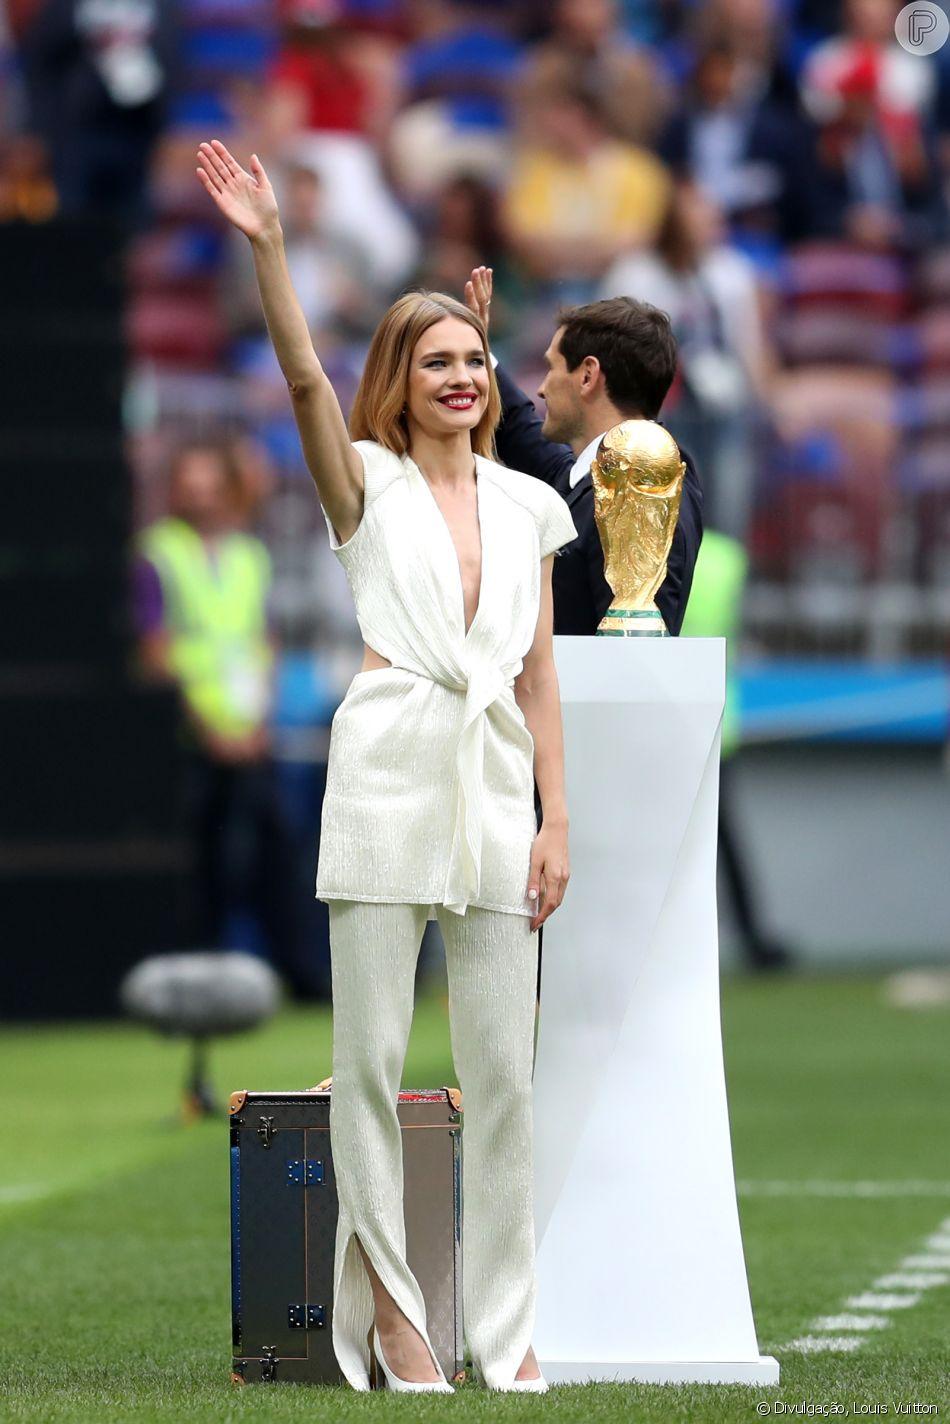 Look branco e raiz à mostra: o estilo de Natalia Vodianova na abertura da Copa da Rússia, realizada nesta quinta-feira, dia 14 de junho de 2018